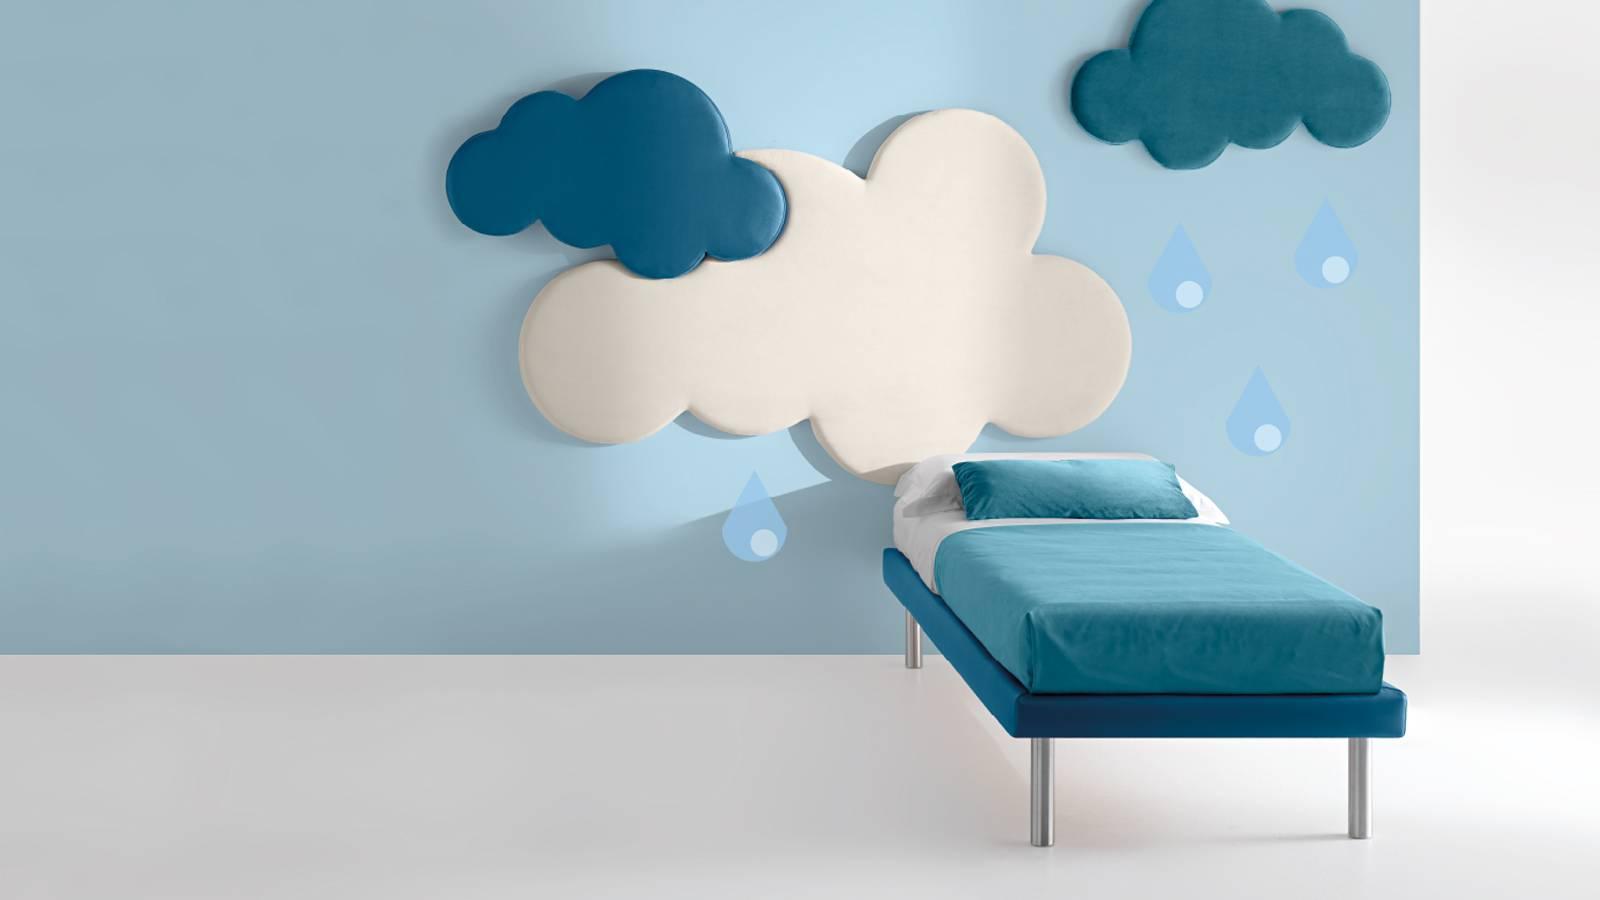 Cloud collezione letti kids world bside letti samoa